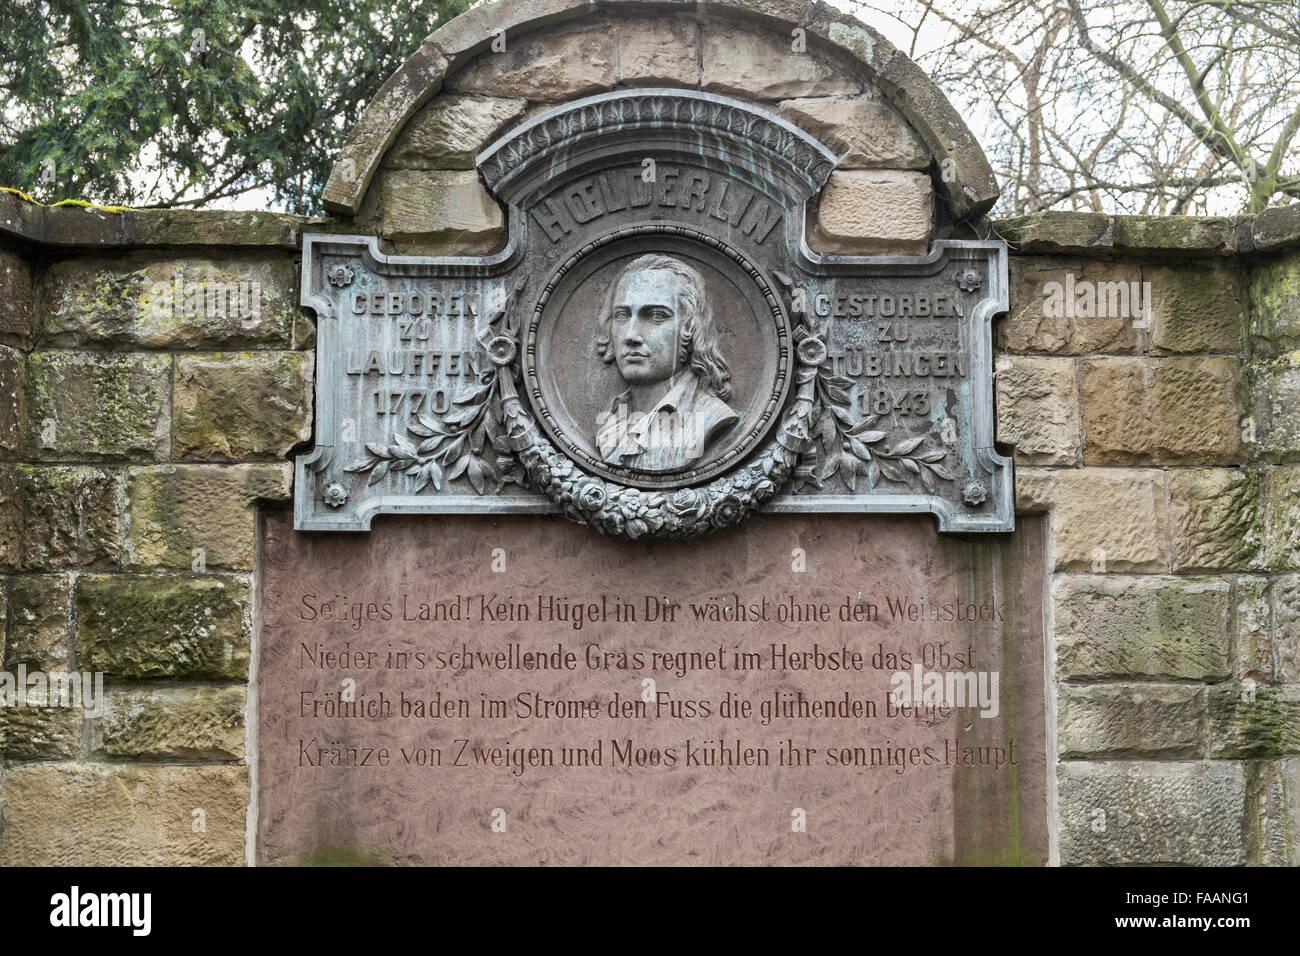 Denkmal des deutschen Dichters Friedrich Hölderlin zeigt ein Porträt des Dichters, bin Lauffen Neckar, Stockbild